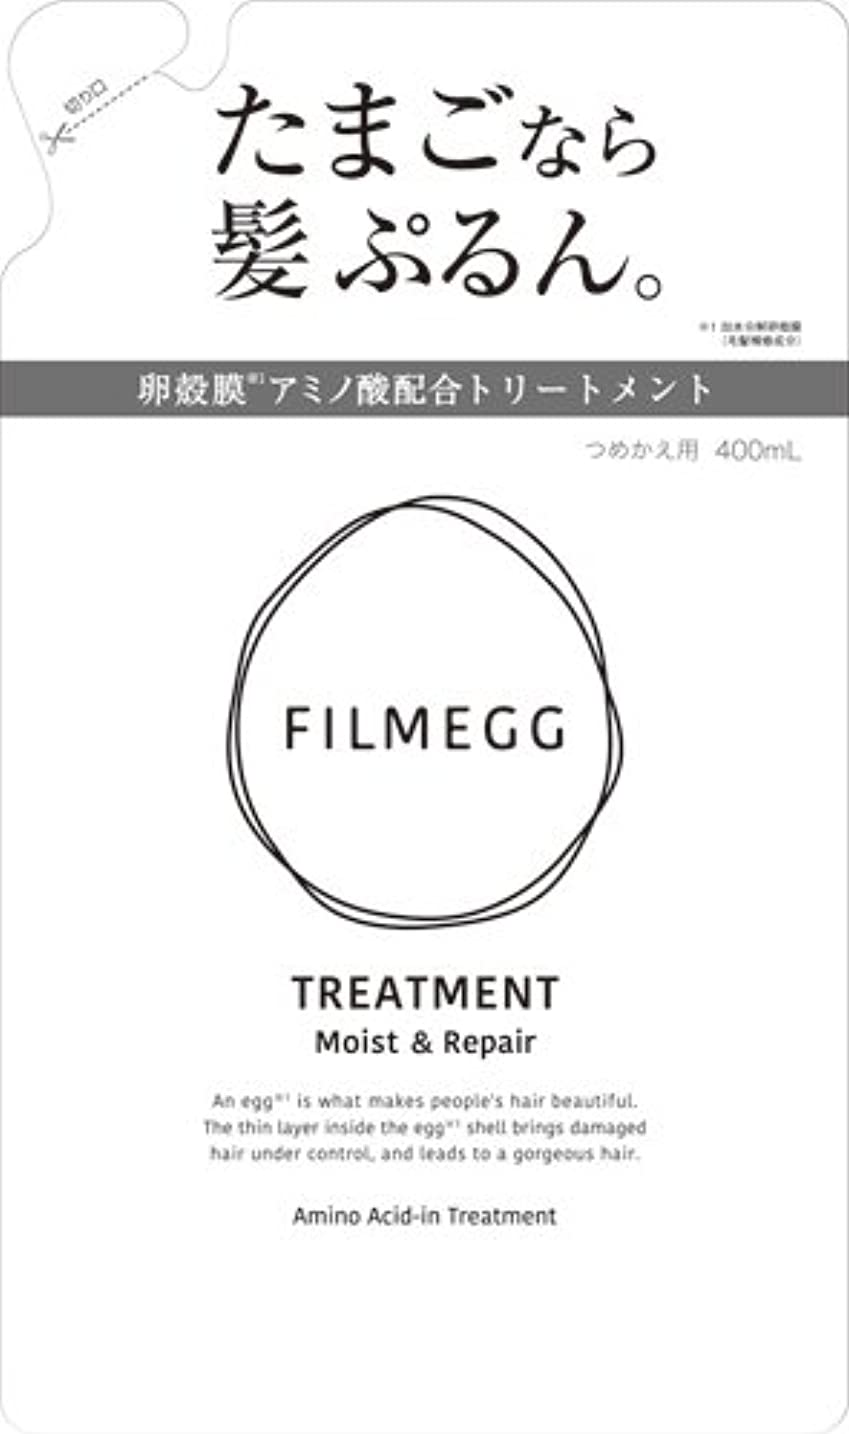 人気悩み交流するFILMEGG(フィルメッグ) トリートメント 詰替え 400ml